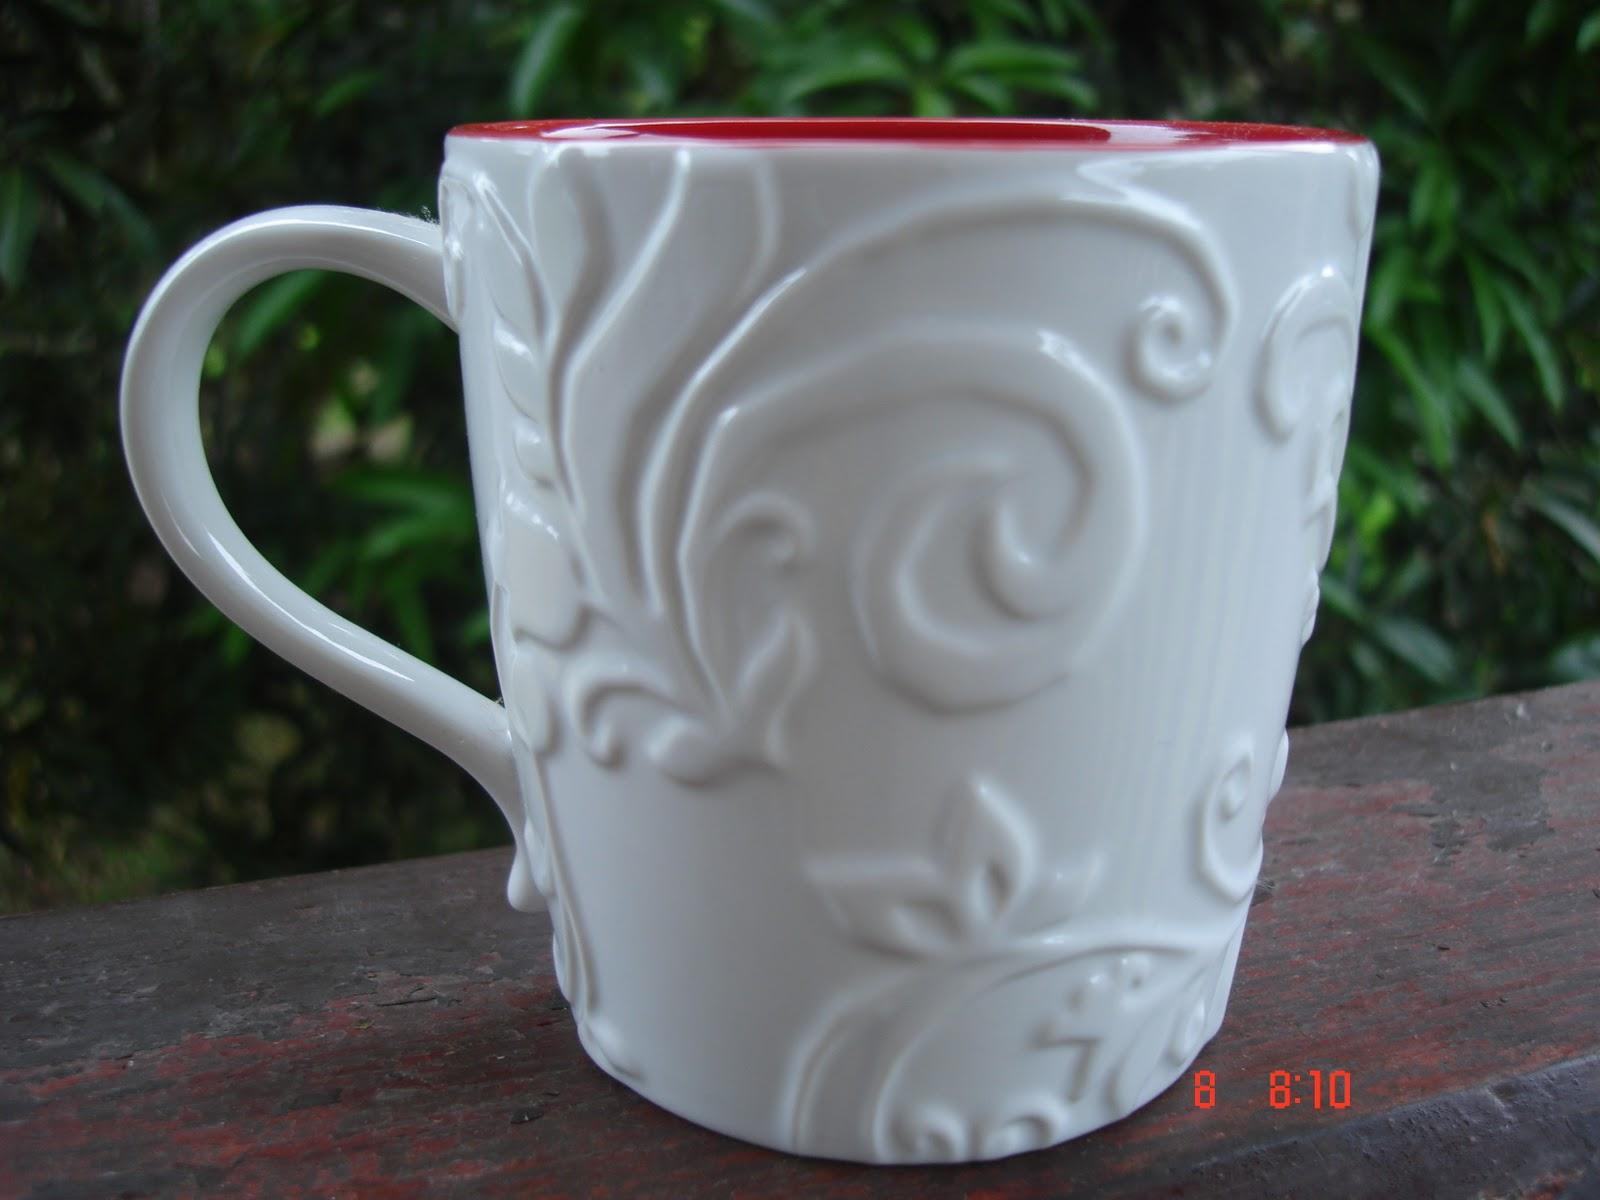 A Cup A Day 2009 Starbucks Christmas Coffee Mug